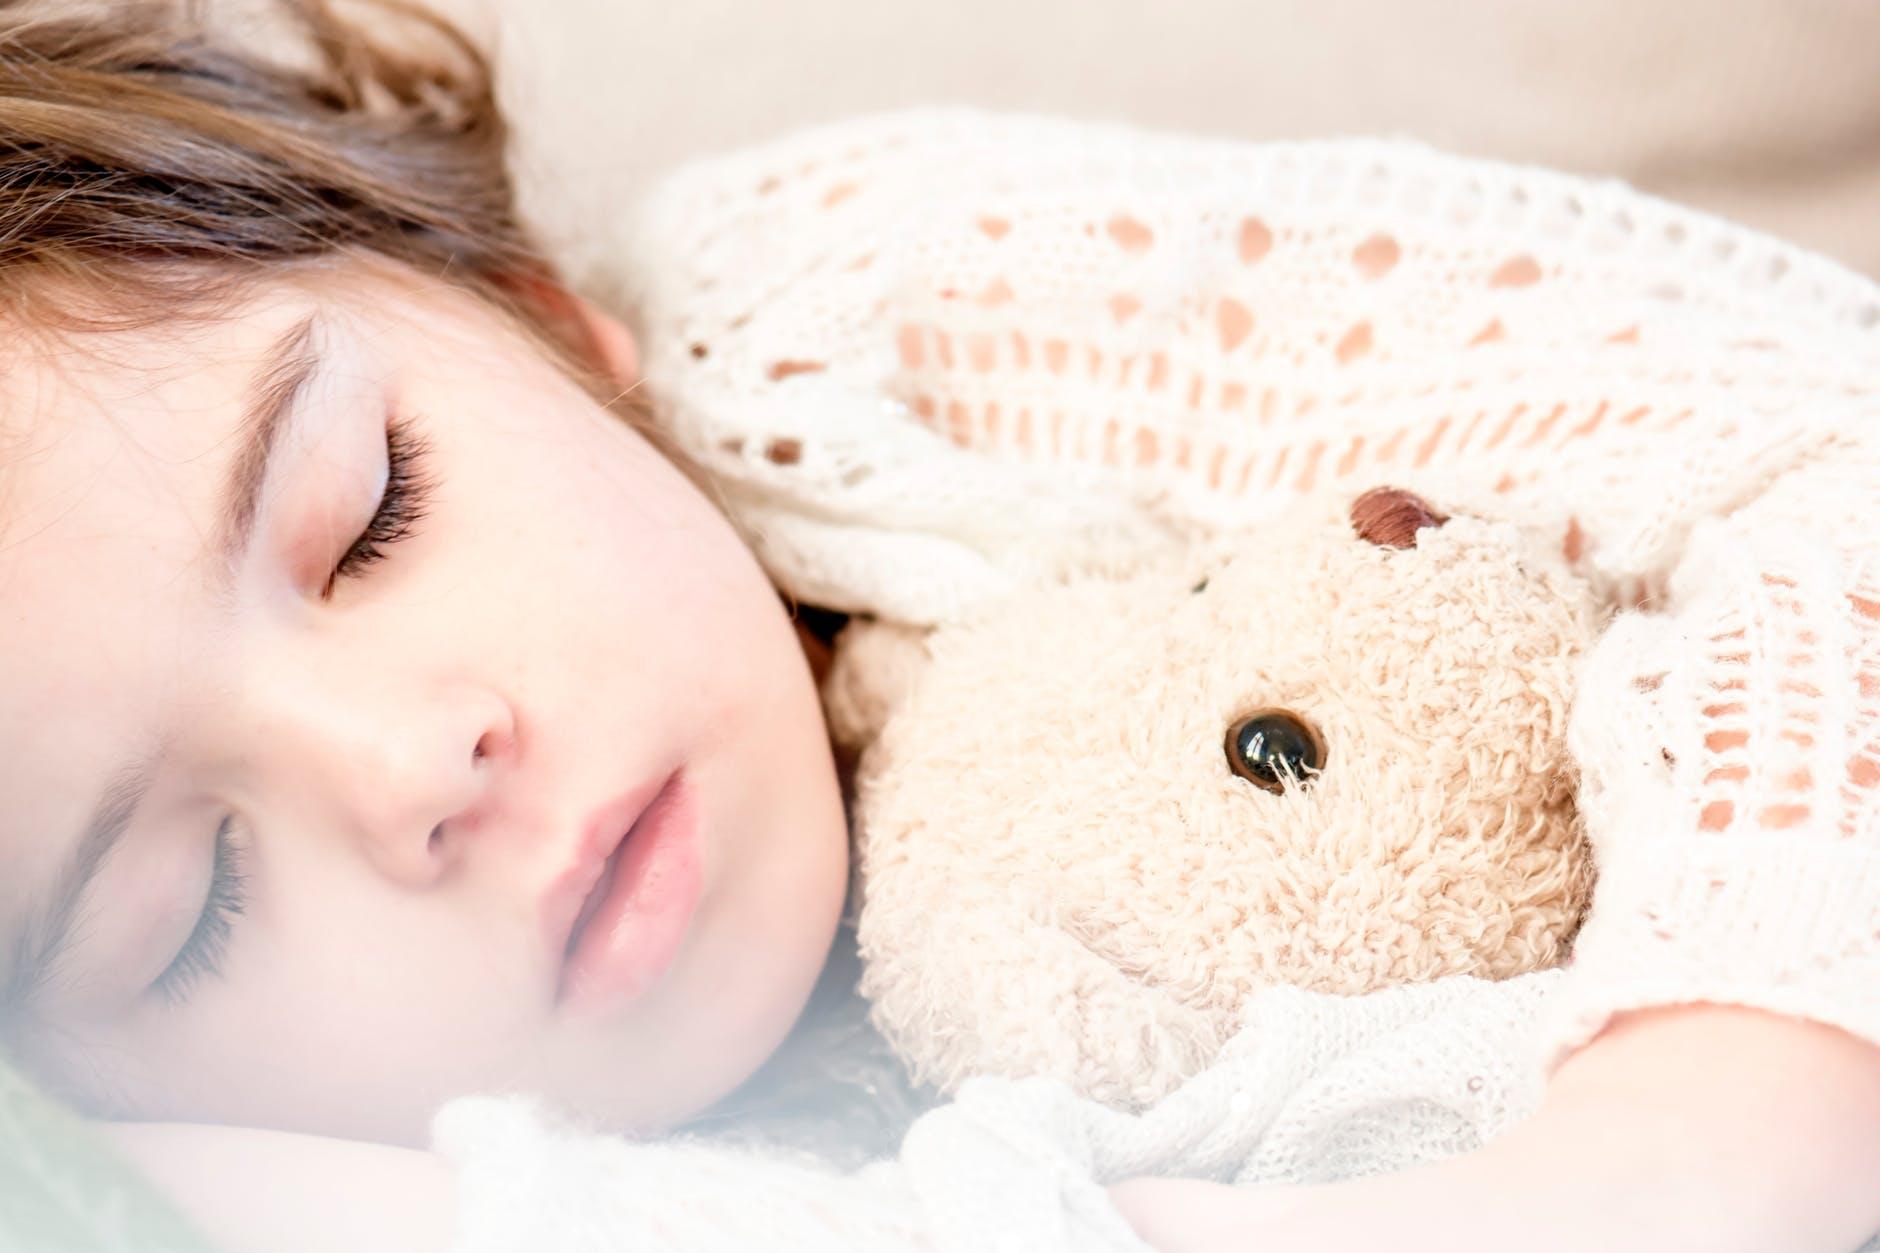 5 Natural Ways To Help Your Toddler Fall Asleep